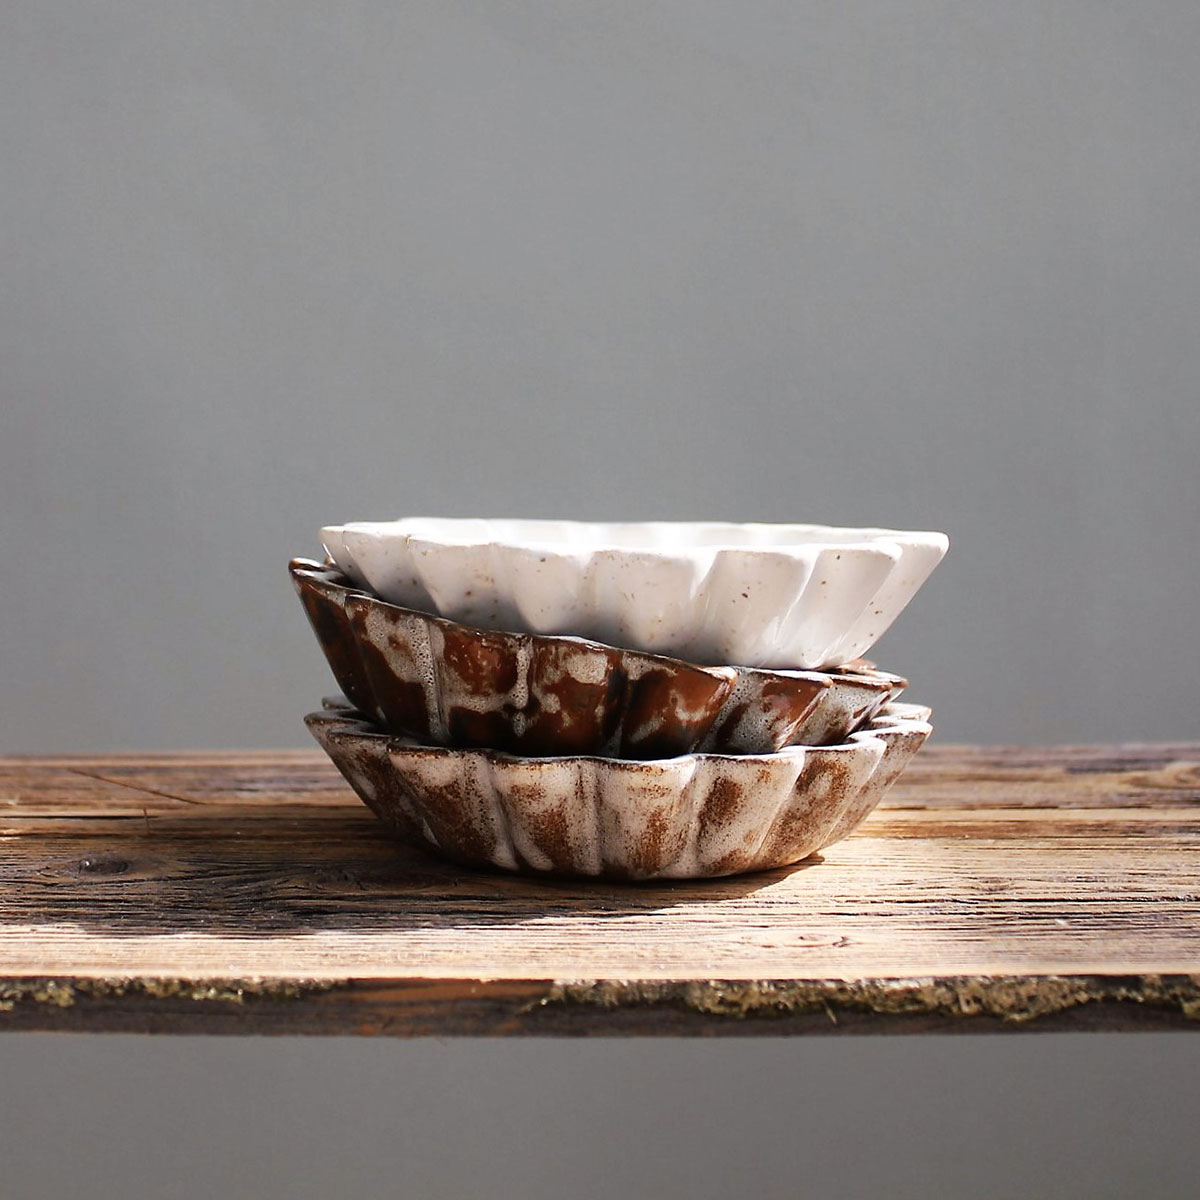 картинка Керамическая форма для запекания малая - DishWishes.Ru